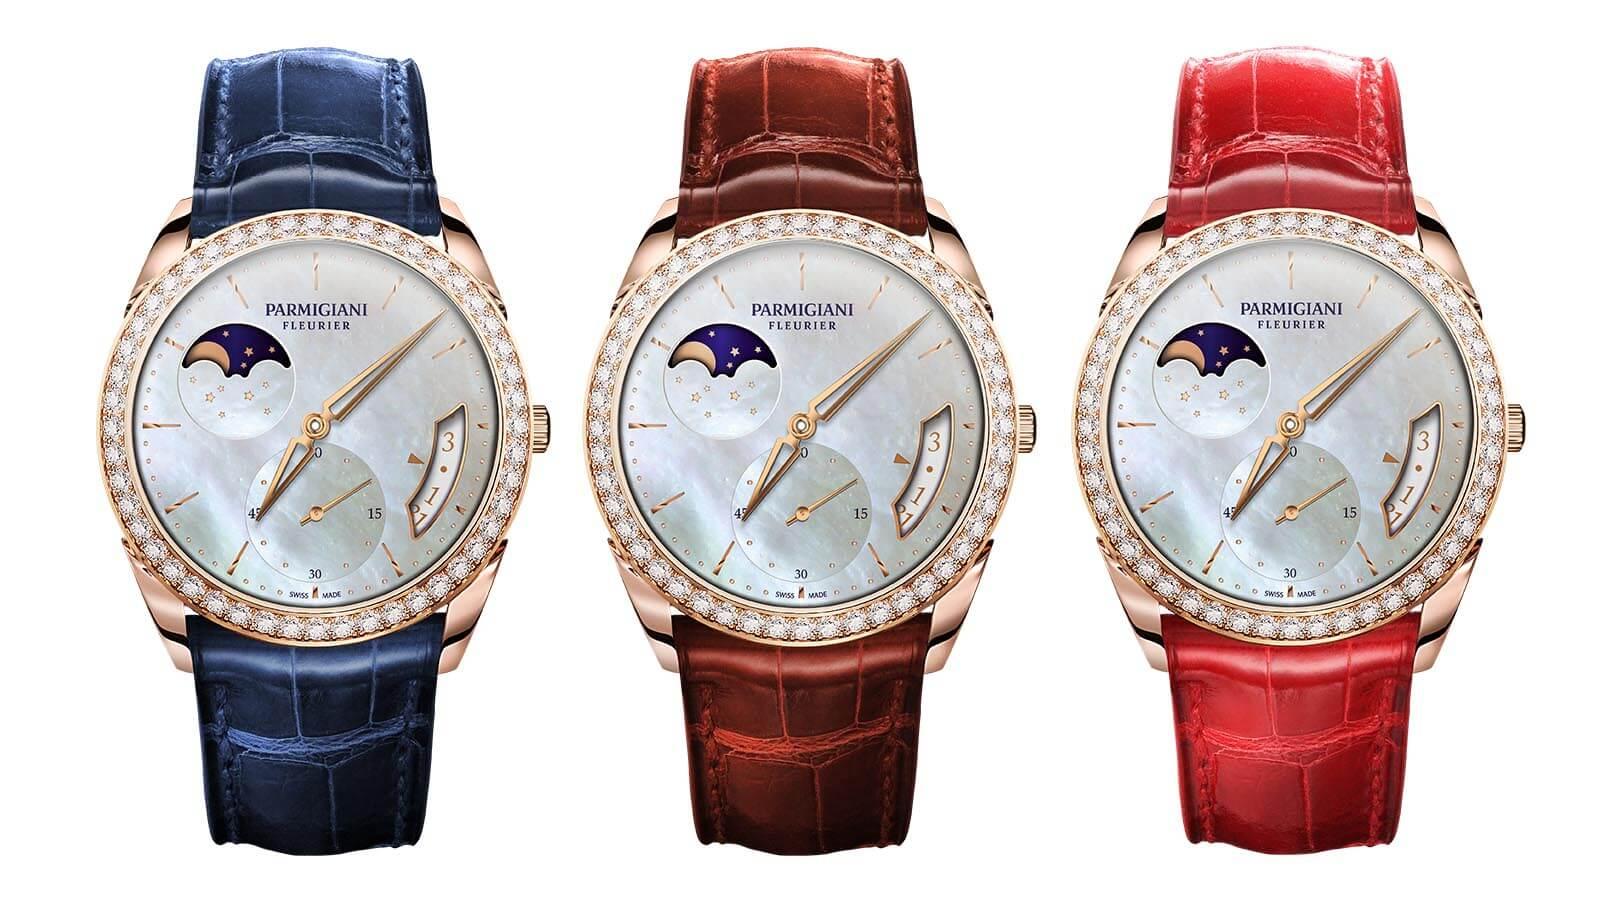 Parmigiani Fleurieur Tonda 1950 Lune Damen Uhr in drei unterschiedlichen Varianten